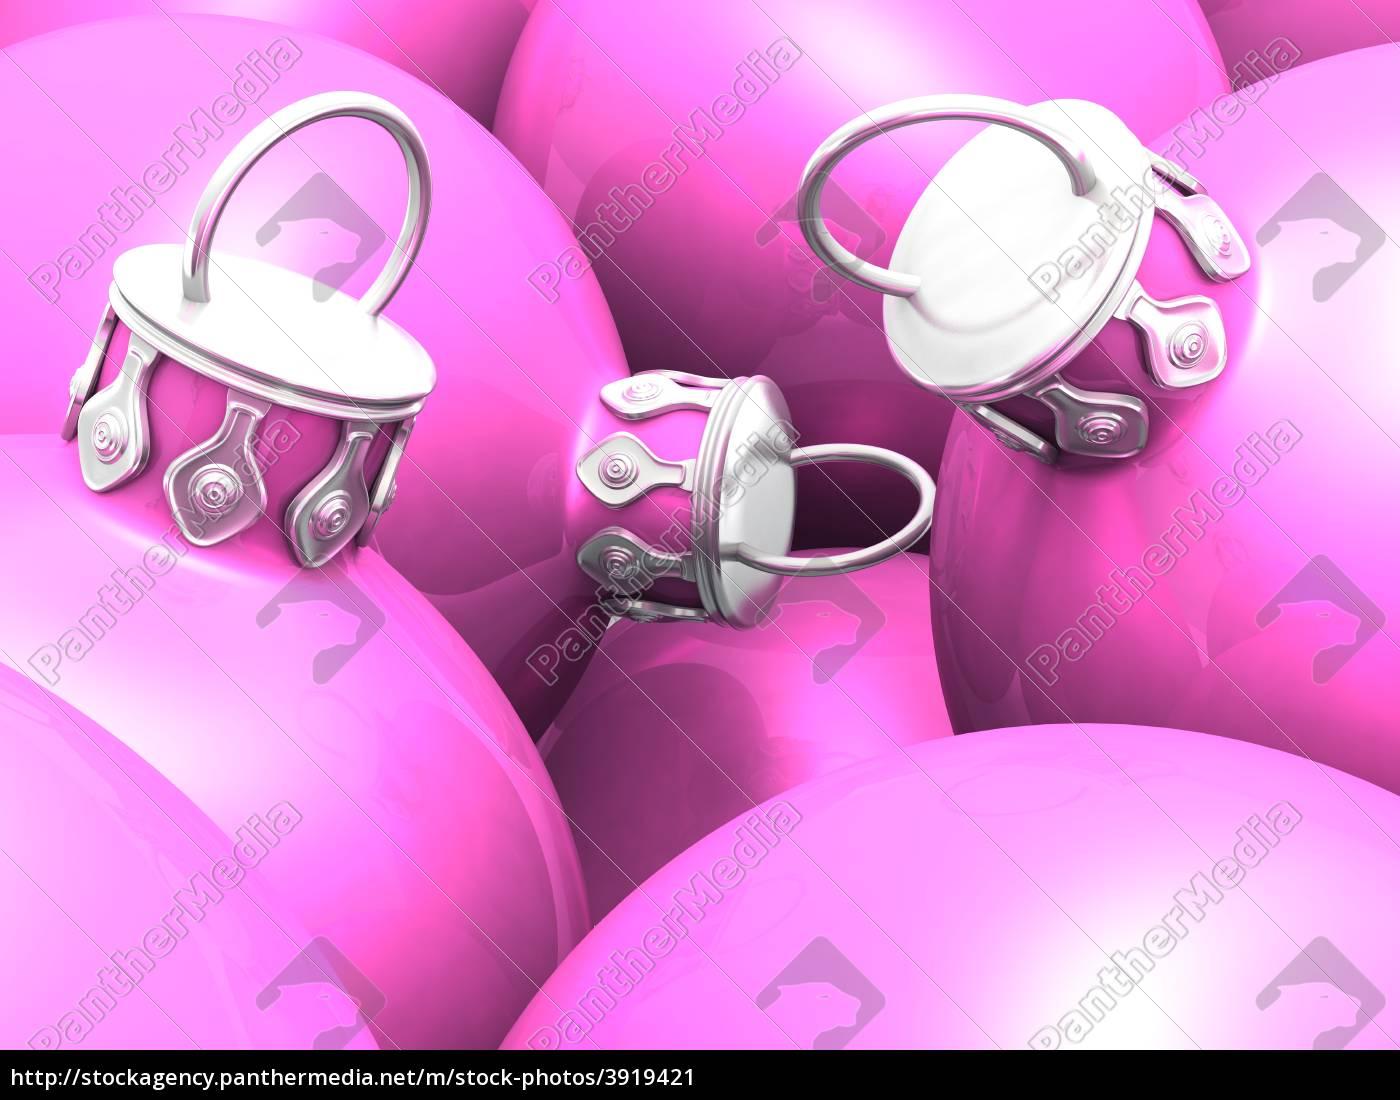 Weihnachtskugeln Pink.Lizenzfreies Bild 3919421 Weihnachtskugeln 02 Pastell Pink